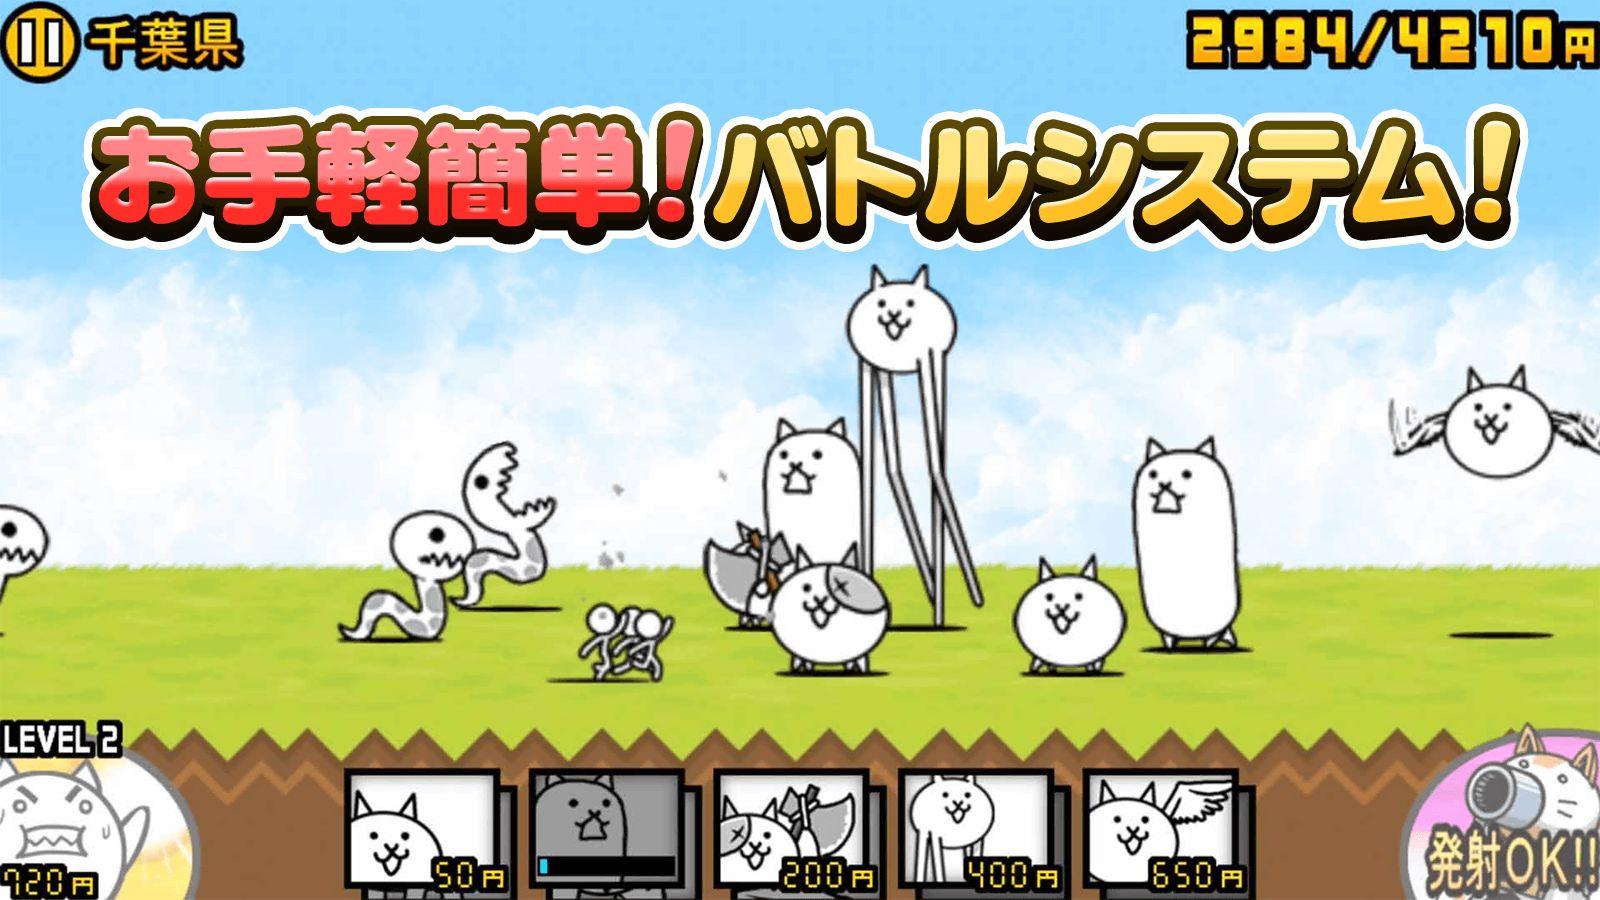 猫咪大战争(日服) 游戏截图2